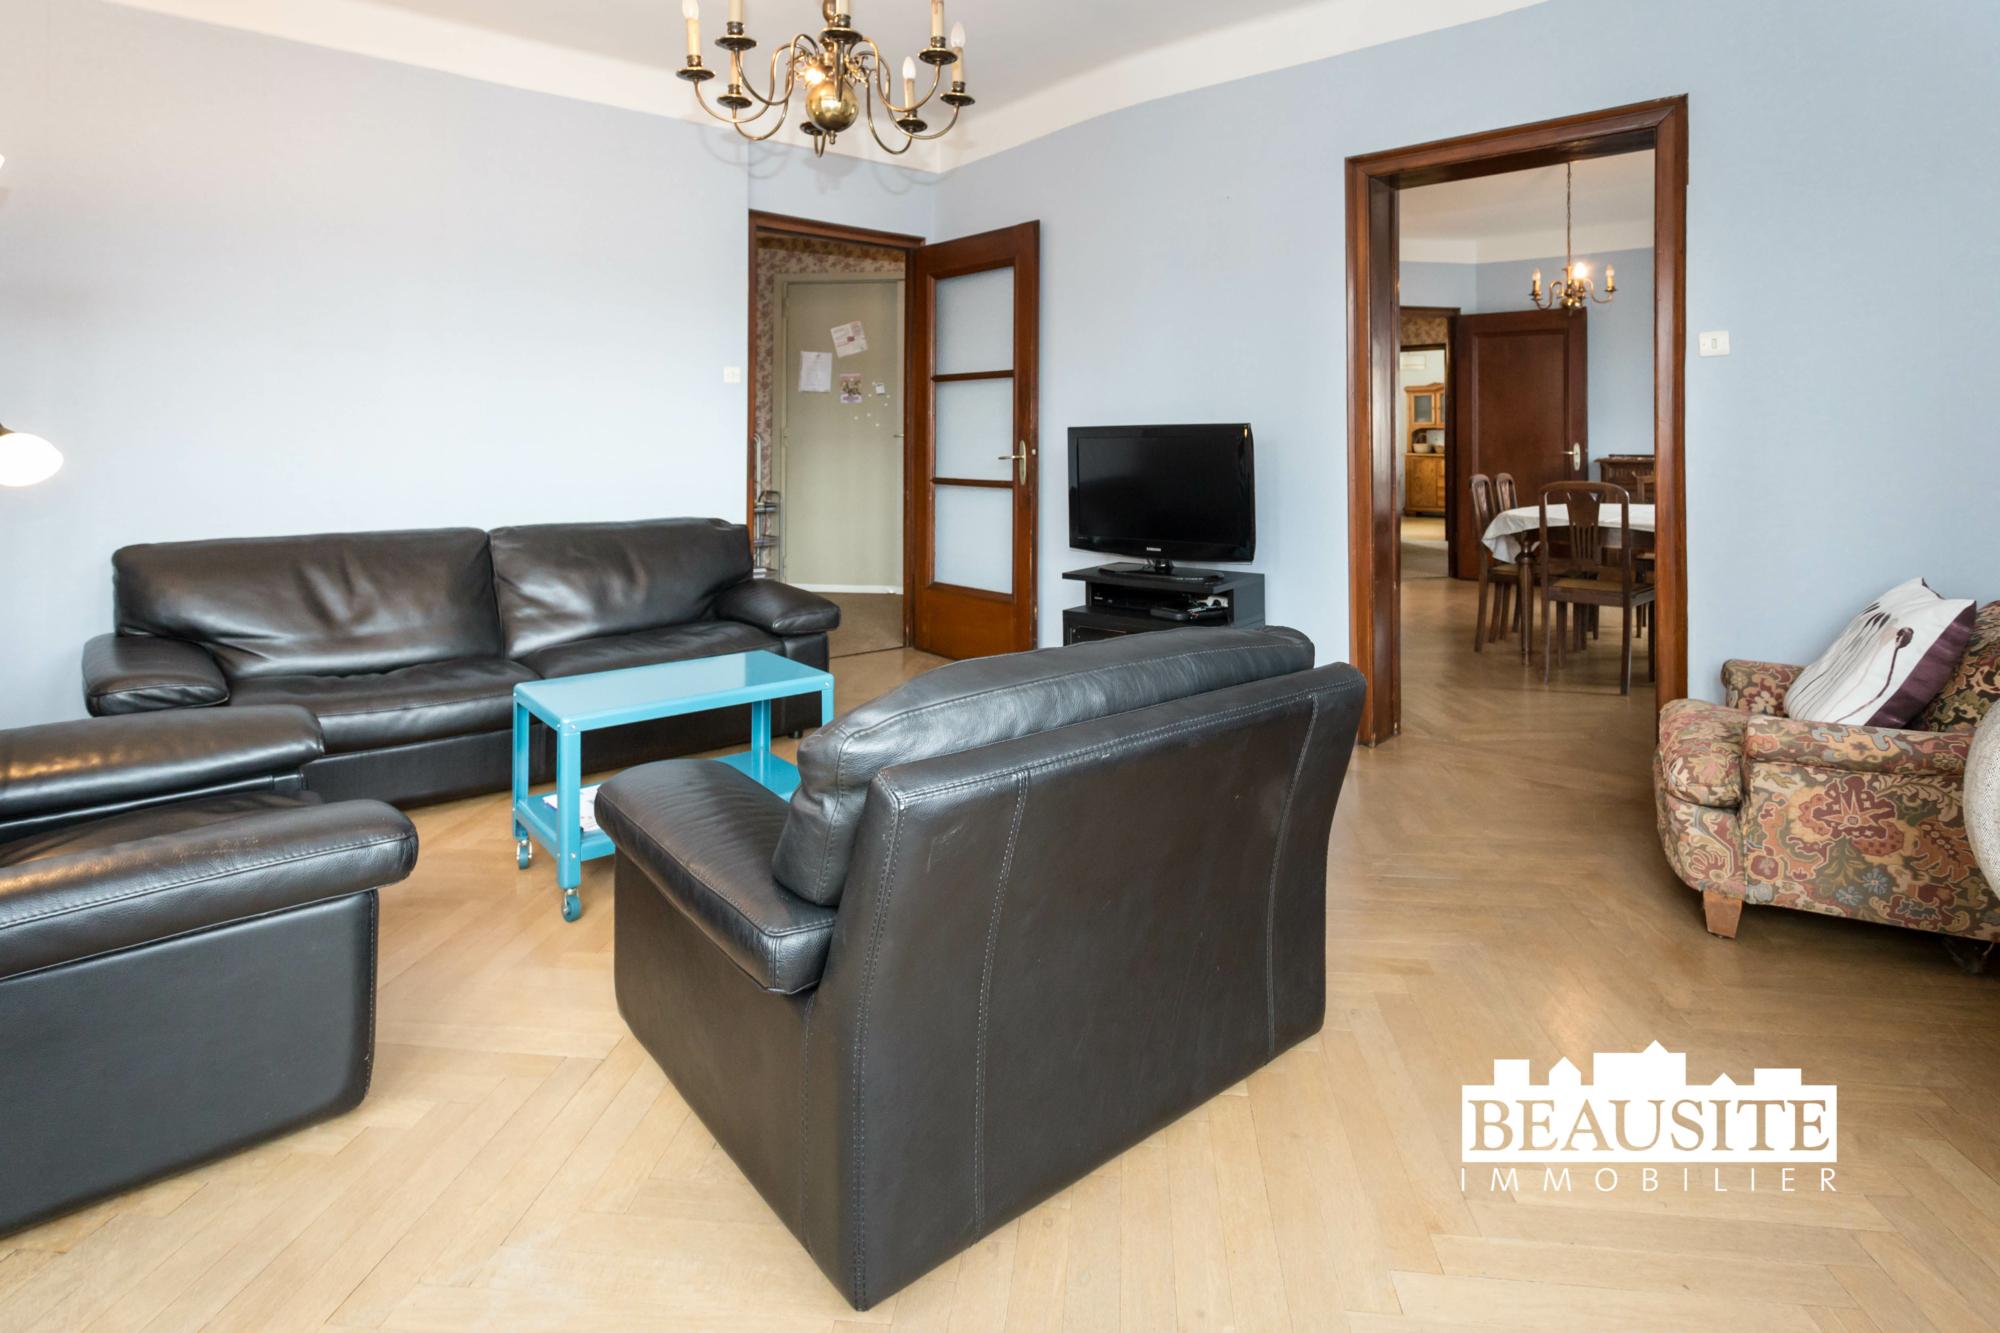 [Paquebot] Accostez dans un appartement à la vue sur la Cathédrale - Halles / rue de Bouxwiller - nos ventes - Beausite Immobilier 4